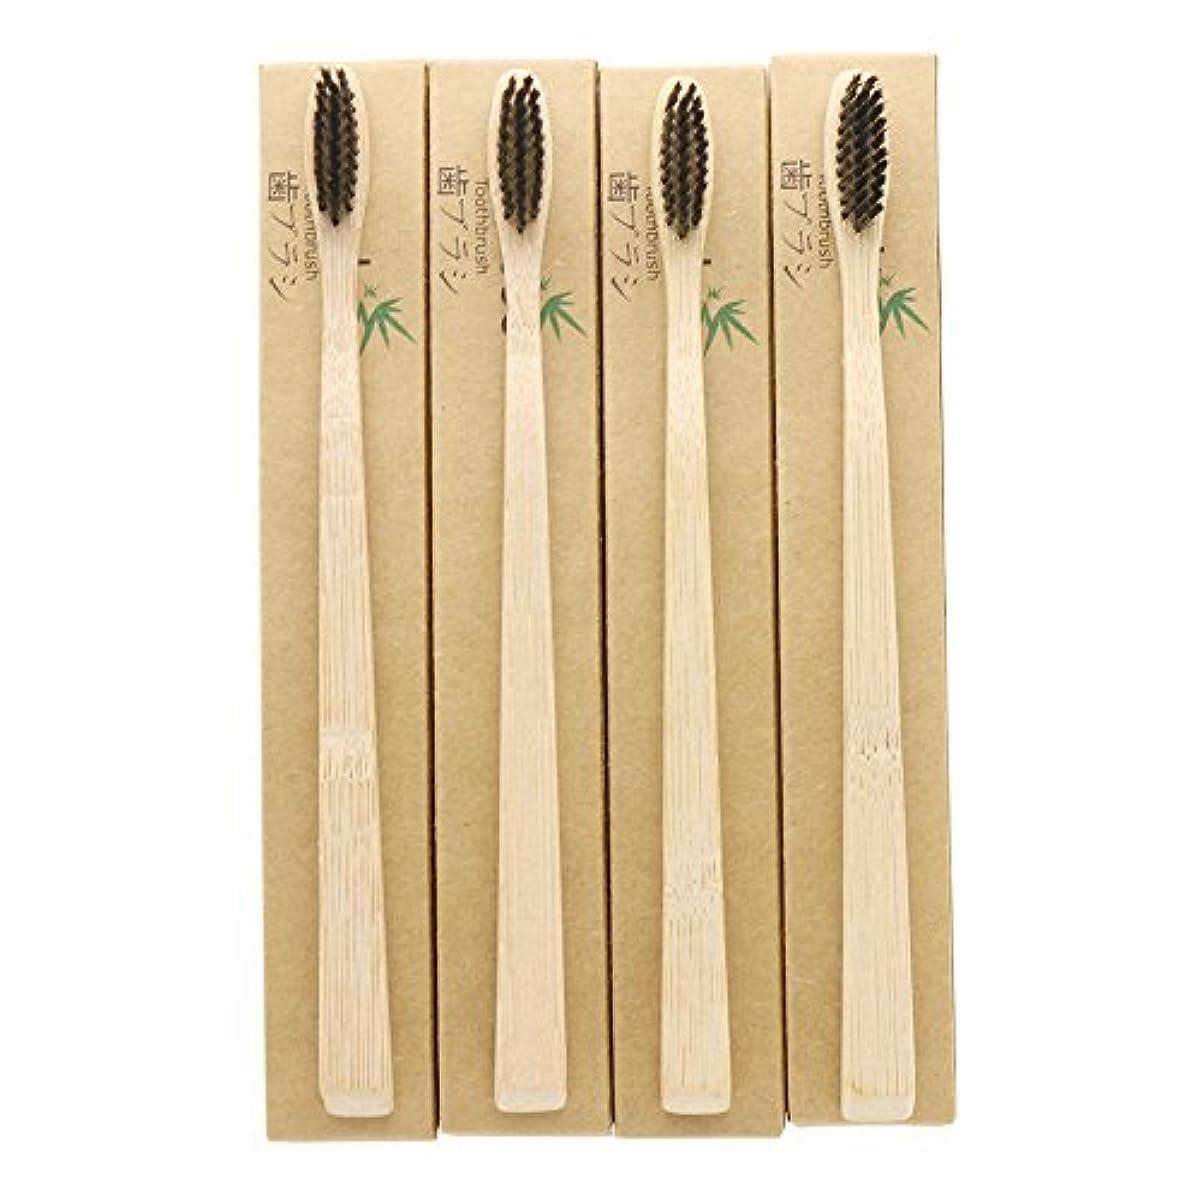 機関離れて実現可能N-amboo 竹製耐久度高い 歯ブラシ 黒い ハンドル小さい 4本入りセット